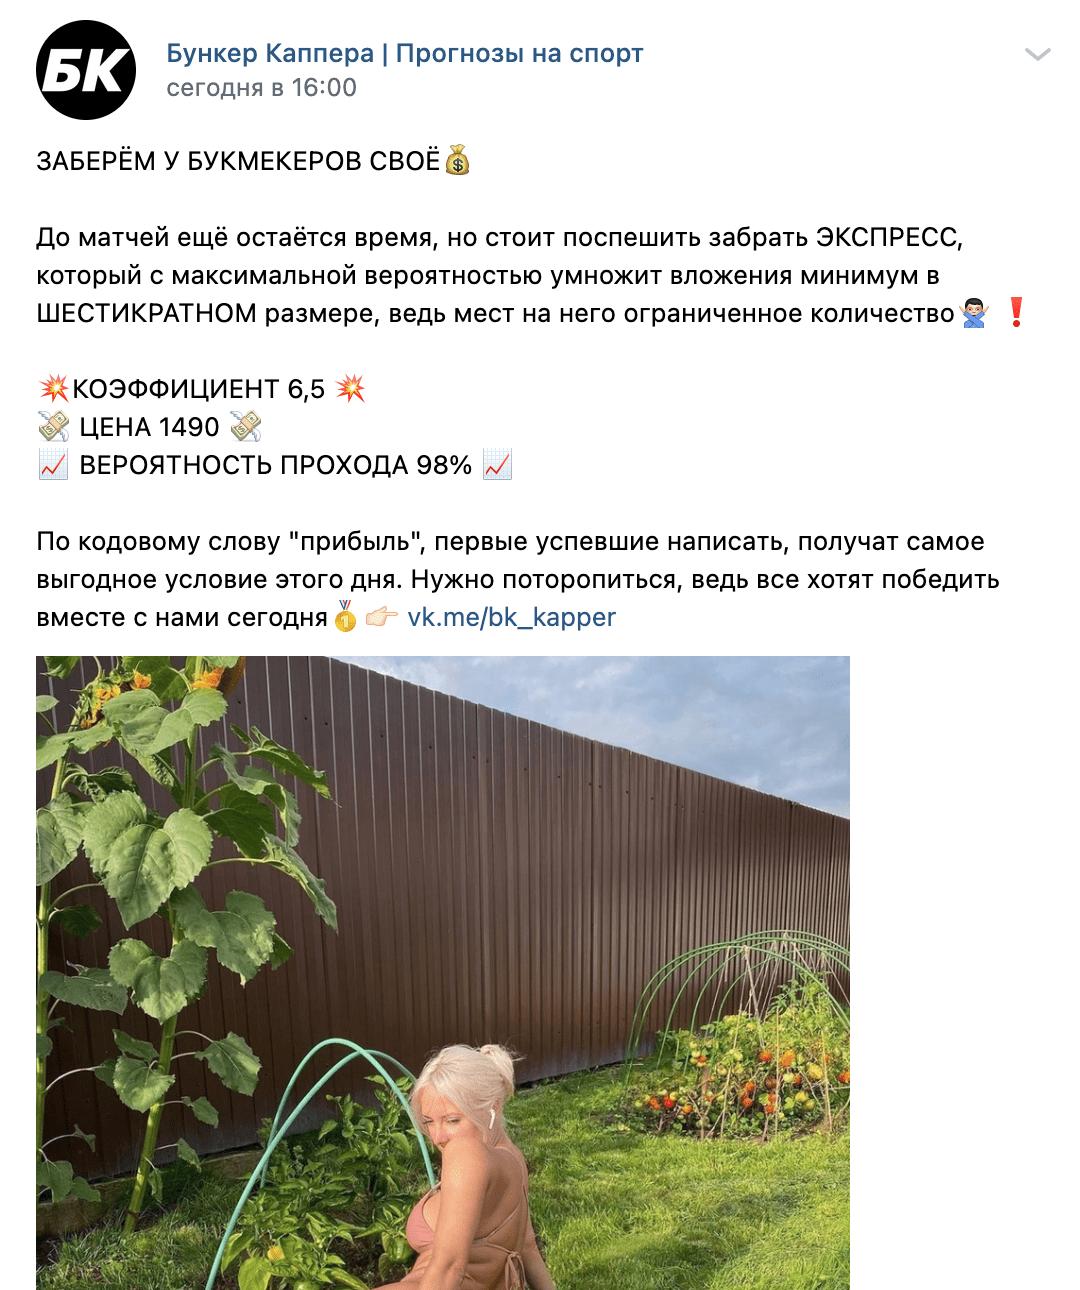 Пост в Группе ВК Бункер каппера